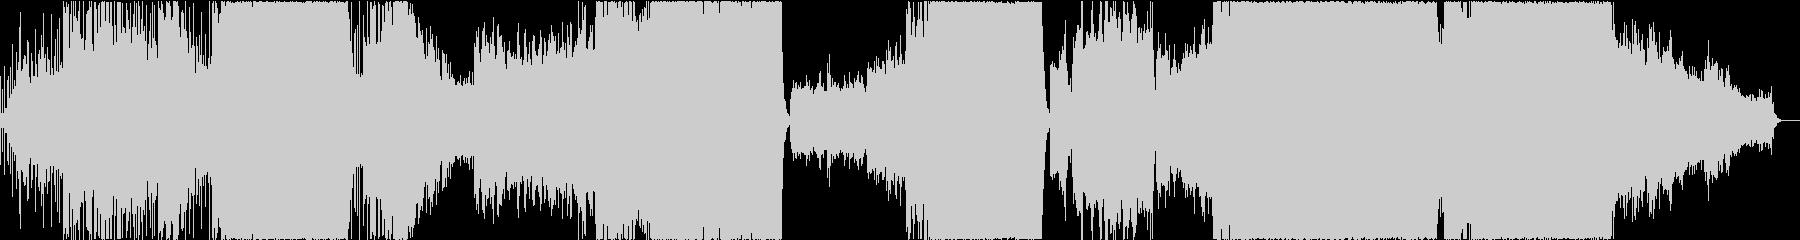 和風エレクトロ・プログレッシブロックの未再生の波形